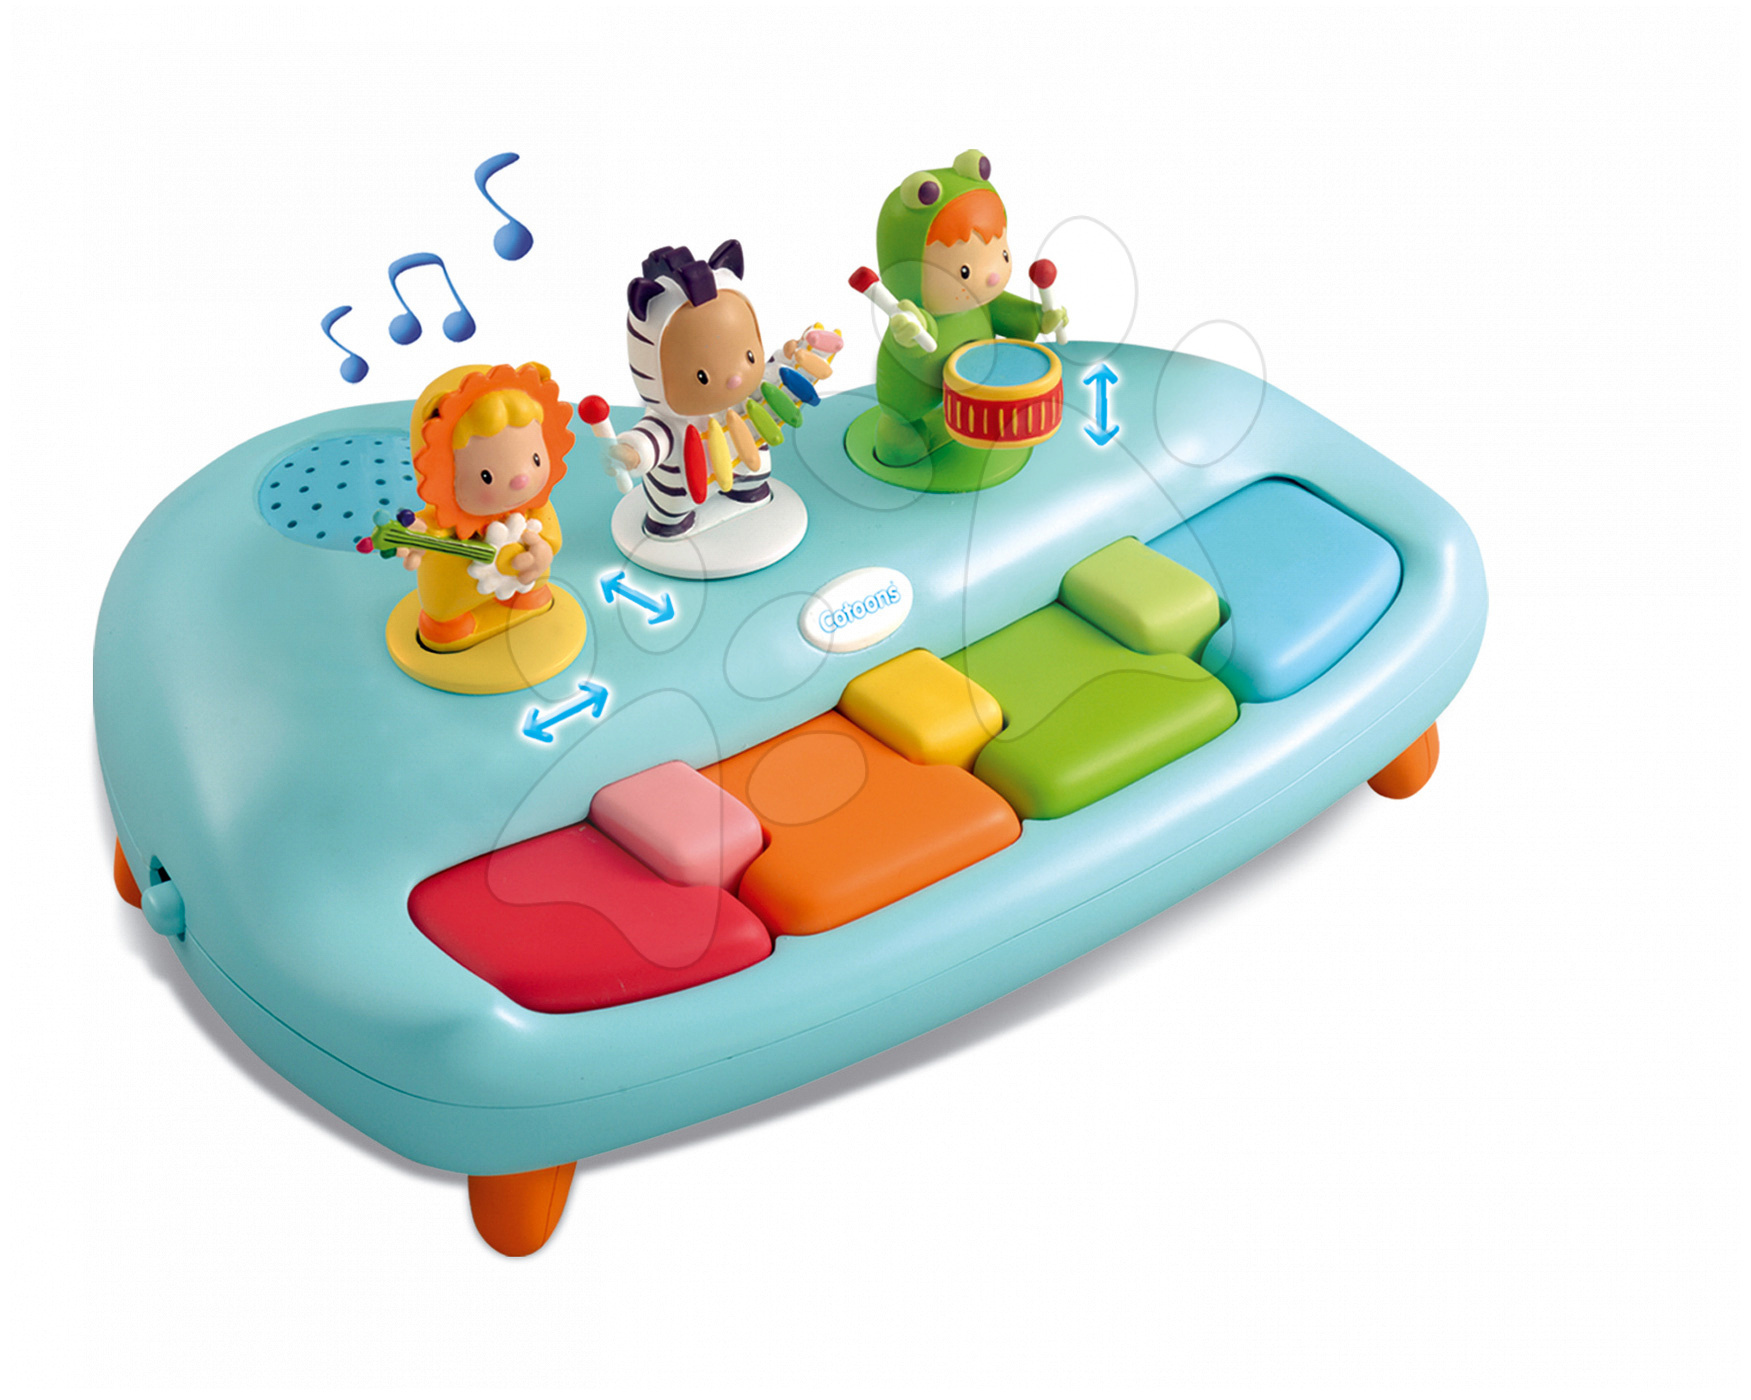 Hračky zvukové - Piano Cotoons Smoby s melodiemi a figurkami modré od 12 měsíců